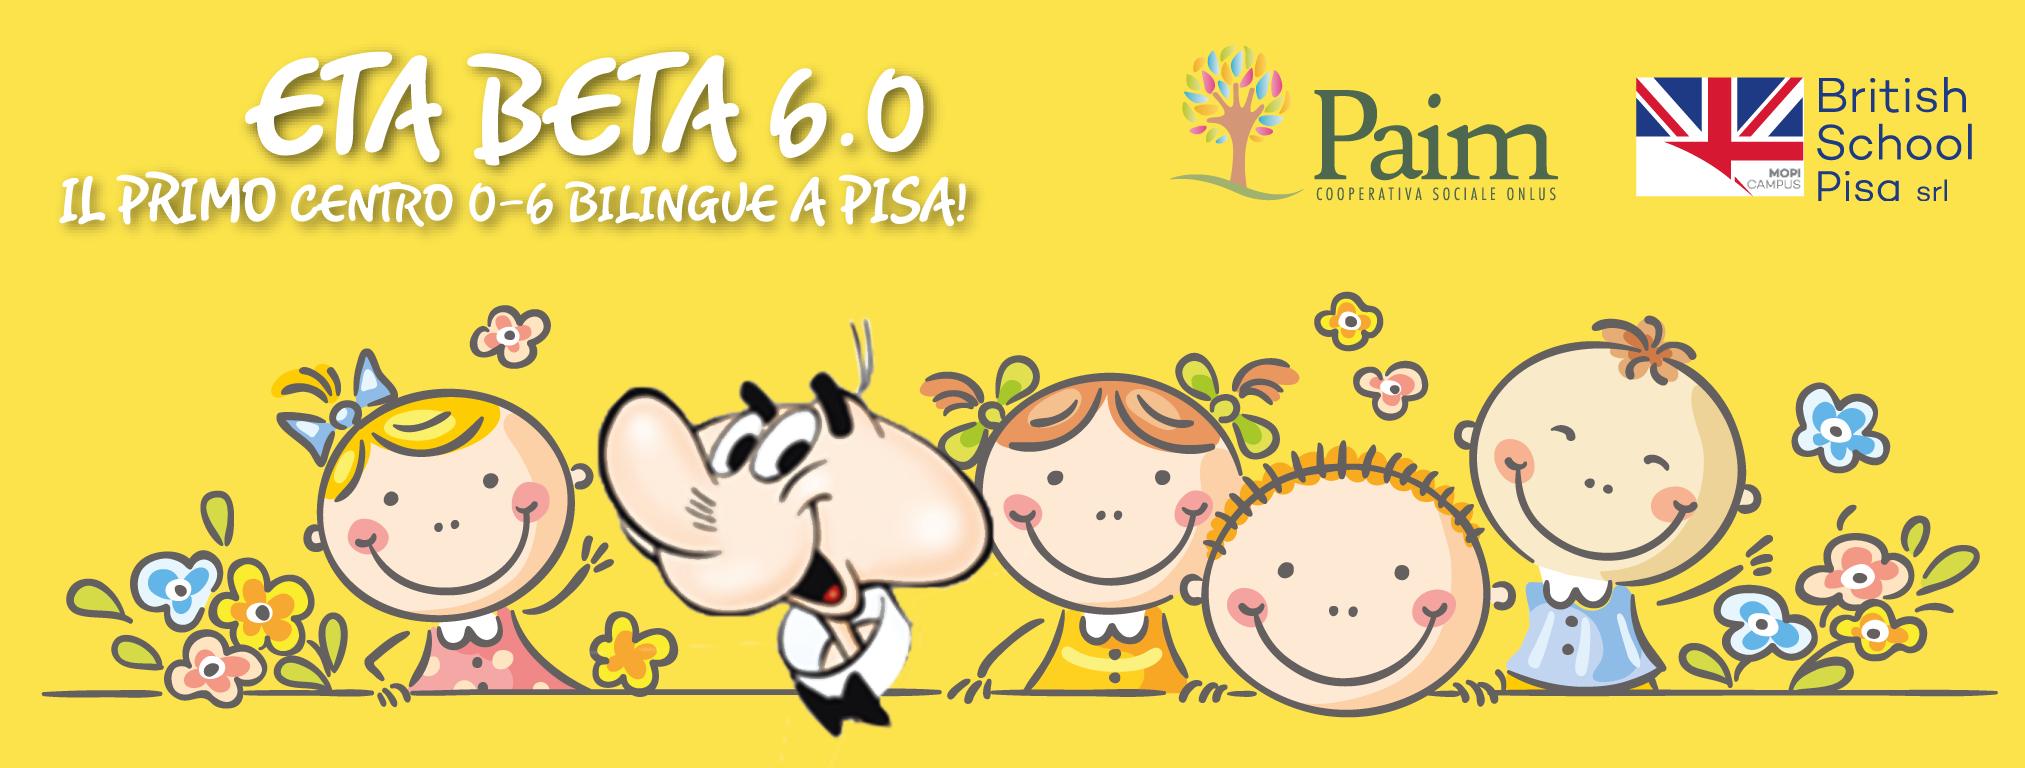 Una grande novità nel settore dei servizi educativi per Pisa  apre Eta Beta  6.0 6eff47ba753